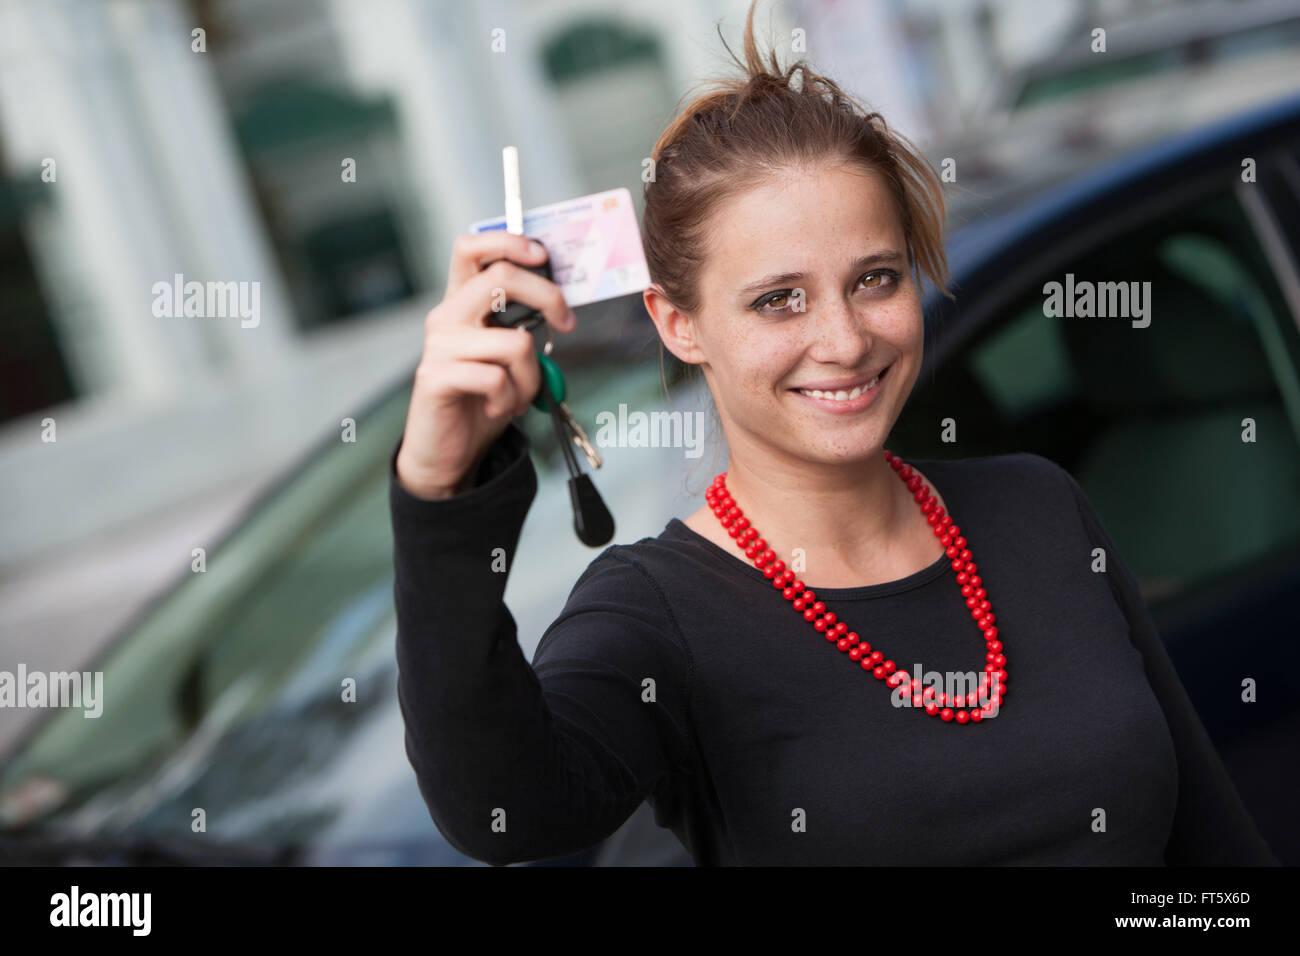 Mujer sonriente detrás del coche mostrando su licencia de conductor y claves Imagen De Stock